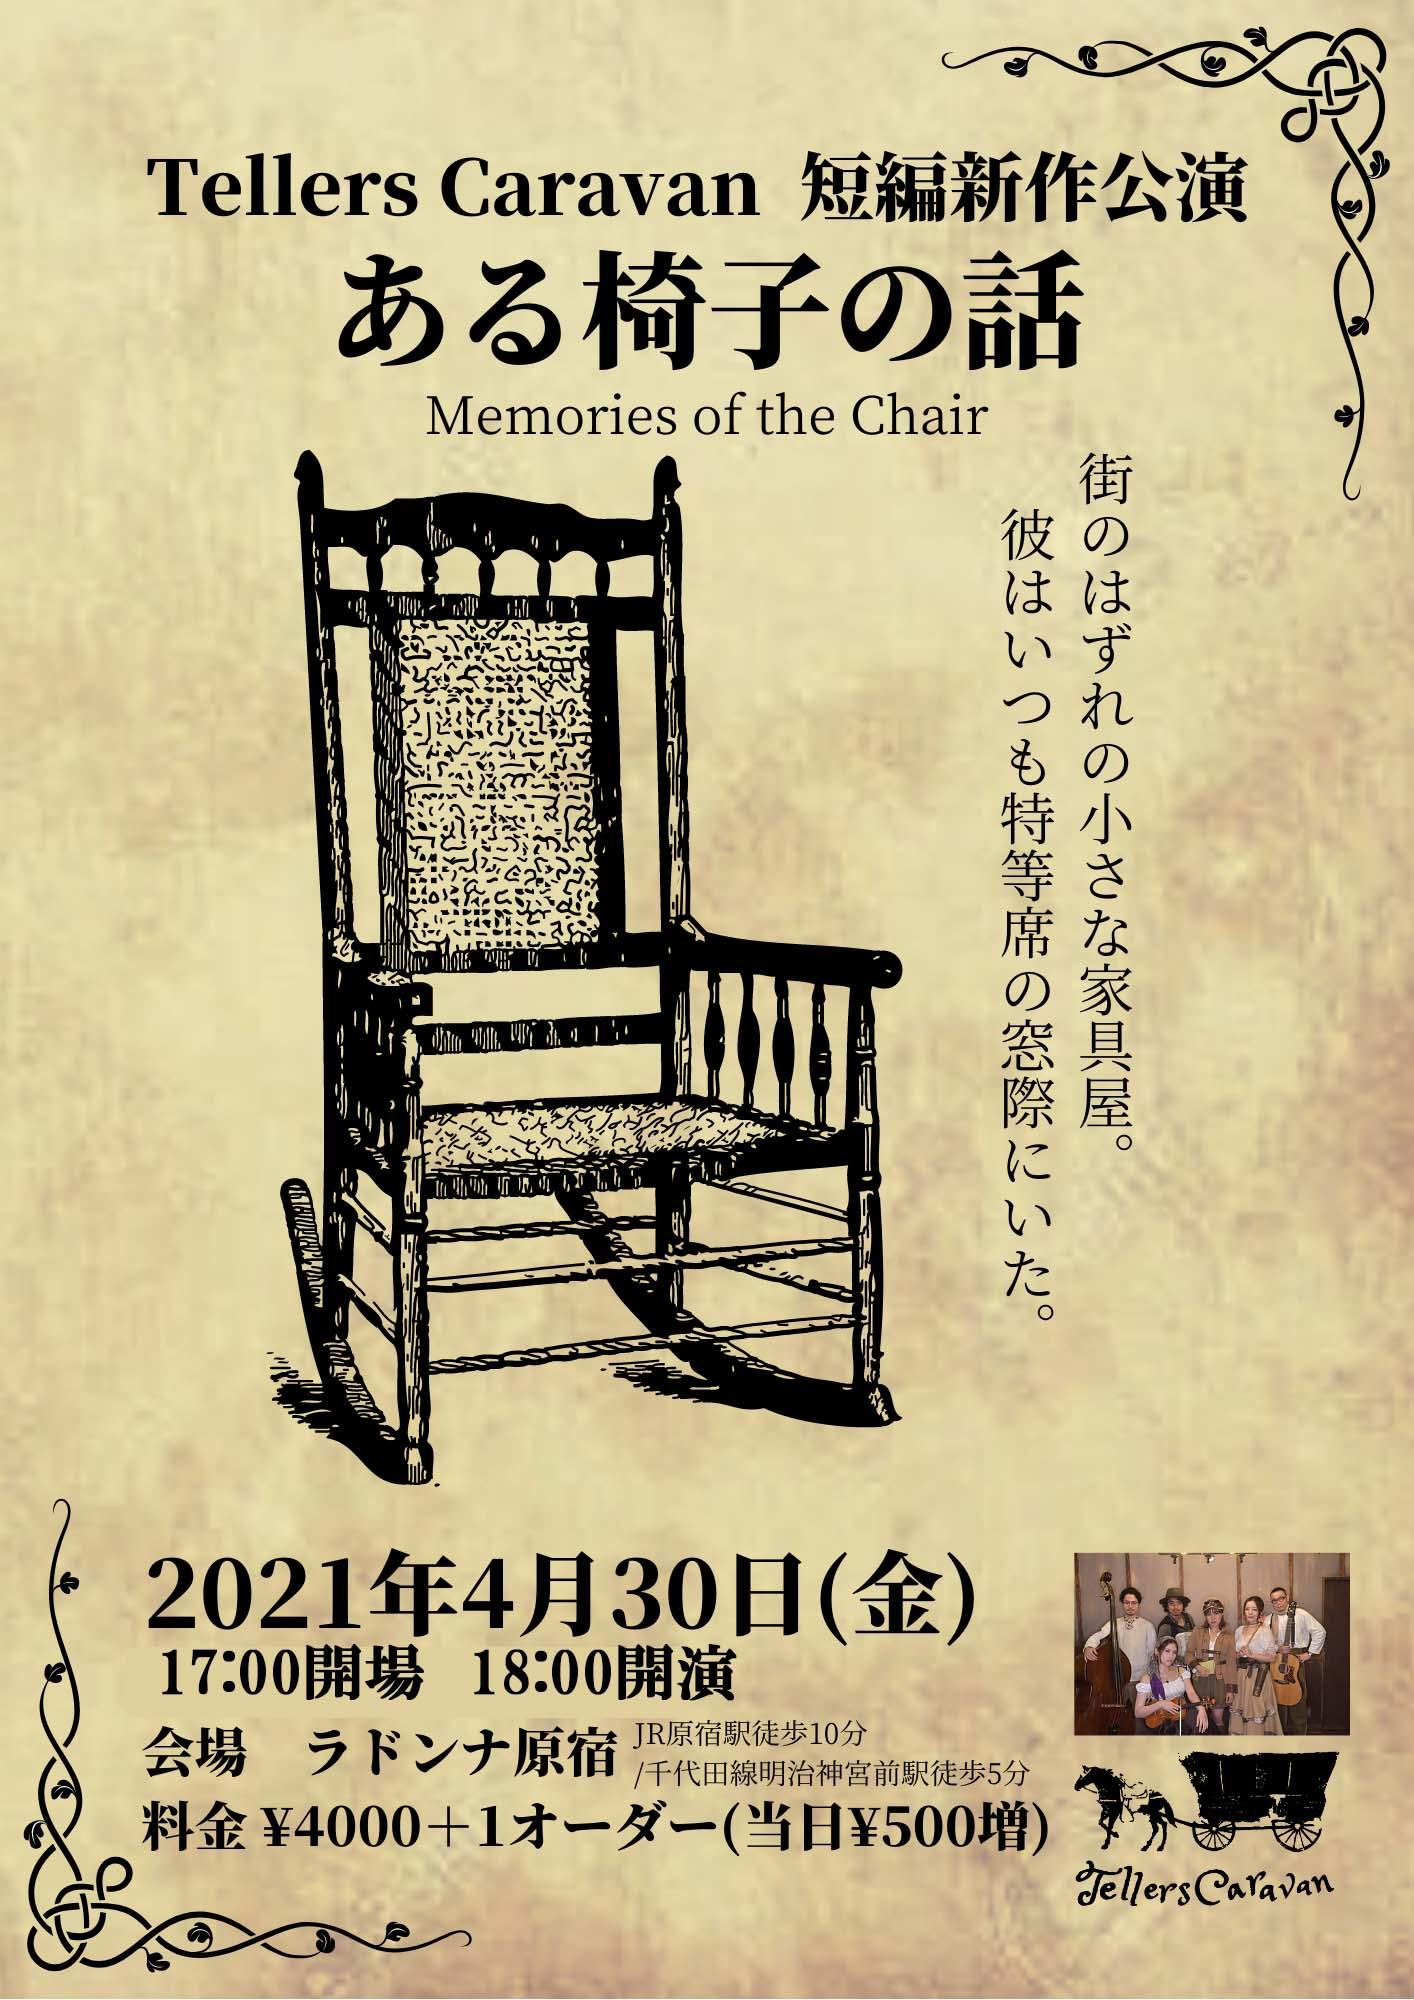 Tellers Caravan短編新作公演 「ある椅子の話」